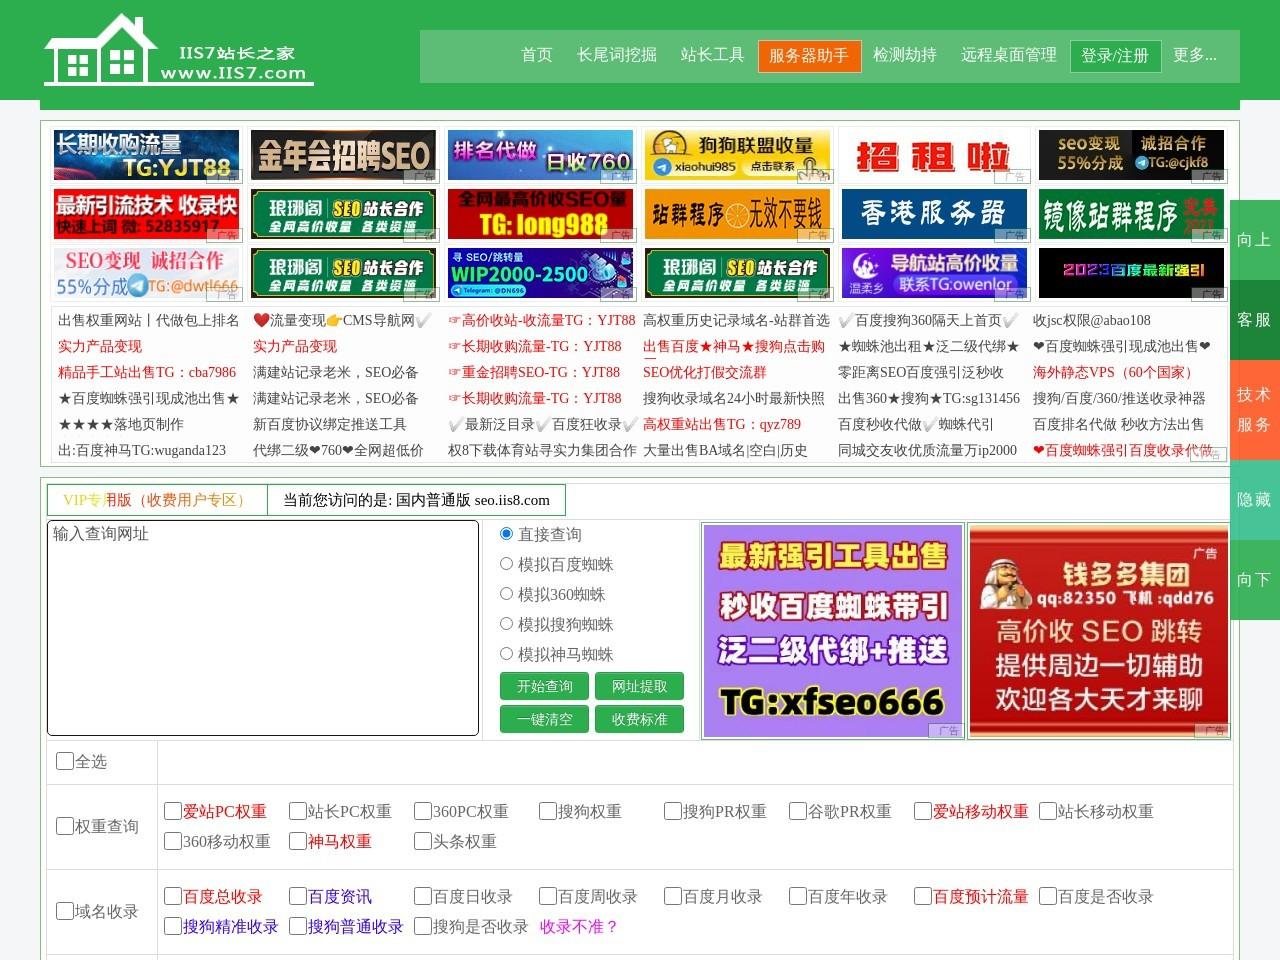 爱站PC权重批量查询_IIS7站长工具 - 网站批量查询工具【IIS7站长之家】